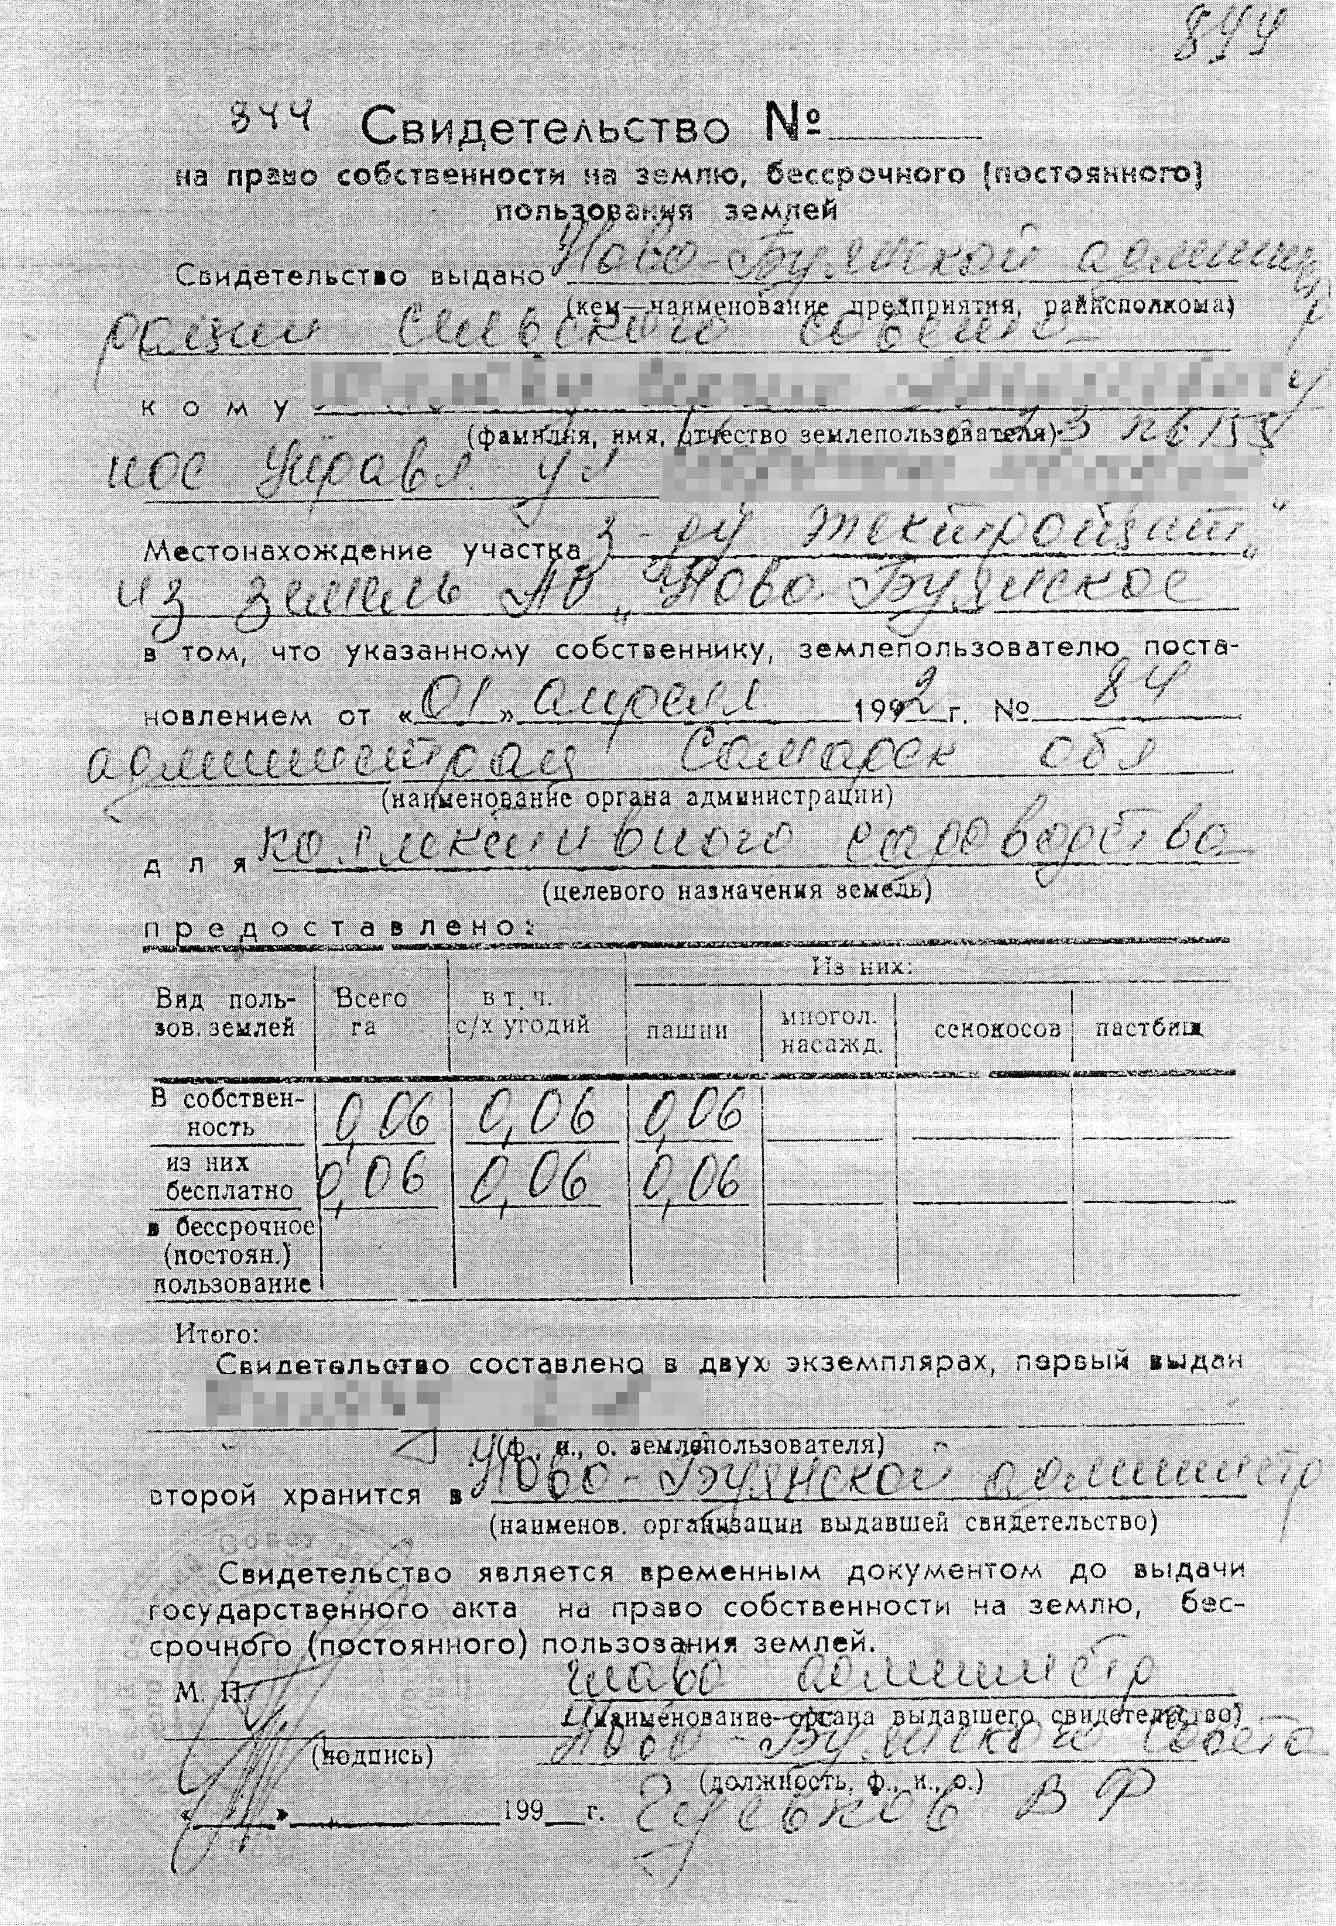 Свидетельство о праве собственности старого образца, которое мы получили в архиве администрации Красноярского района Самарской области. Оно имеет такуюже силу, как и записи в ЕГРН